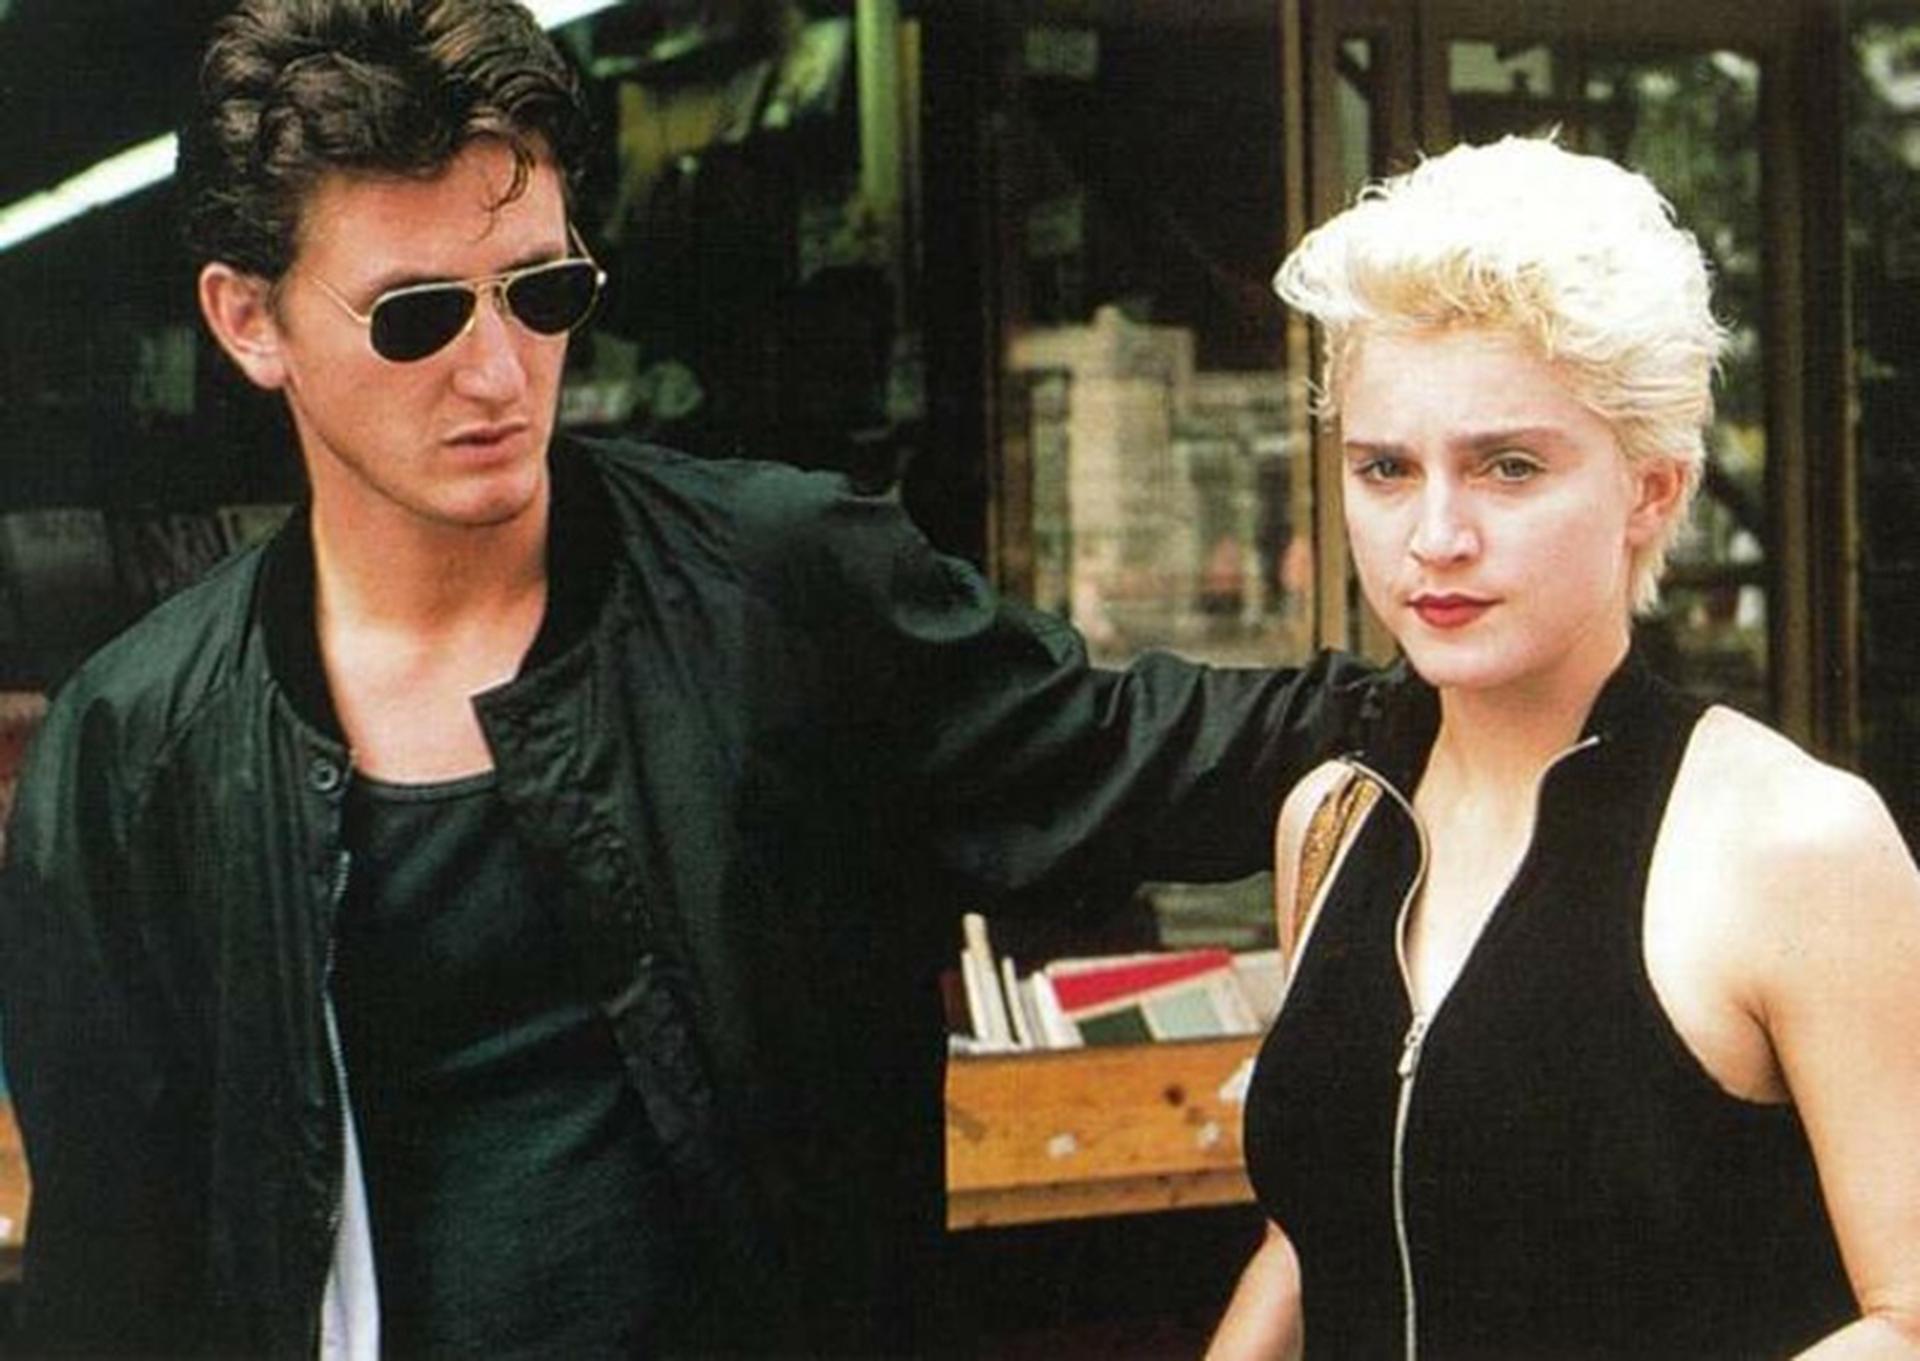 """La relación concluyó en 1989, ambos declararon """"diferencias irreconciliables"""" y se divorciaron. Los rumores acusaban al actor como maltratador y violento."""